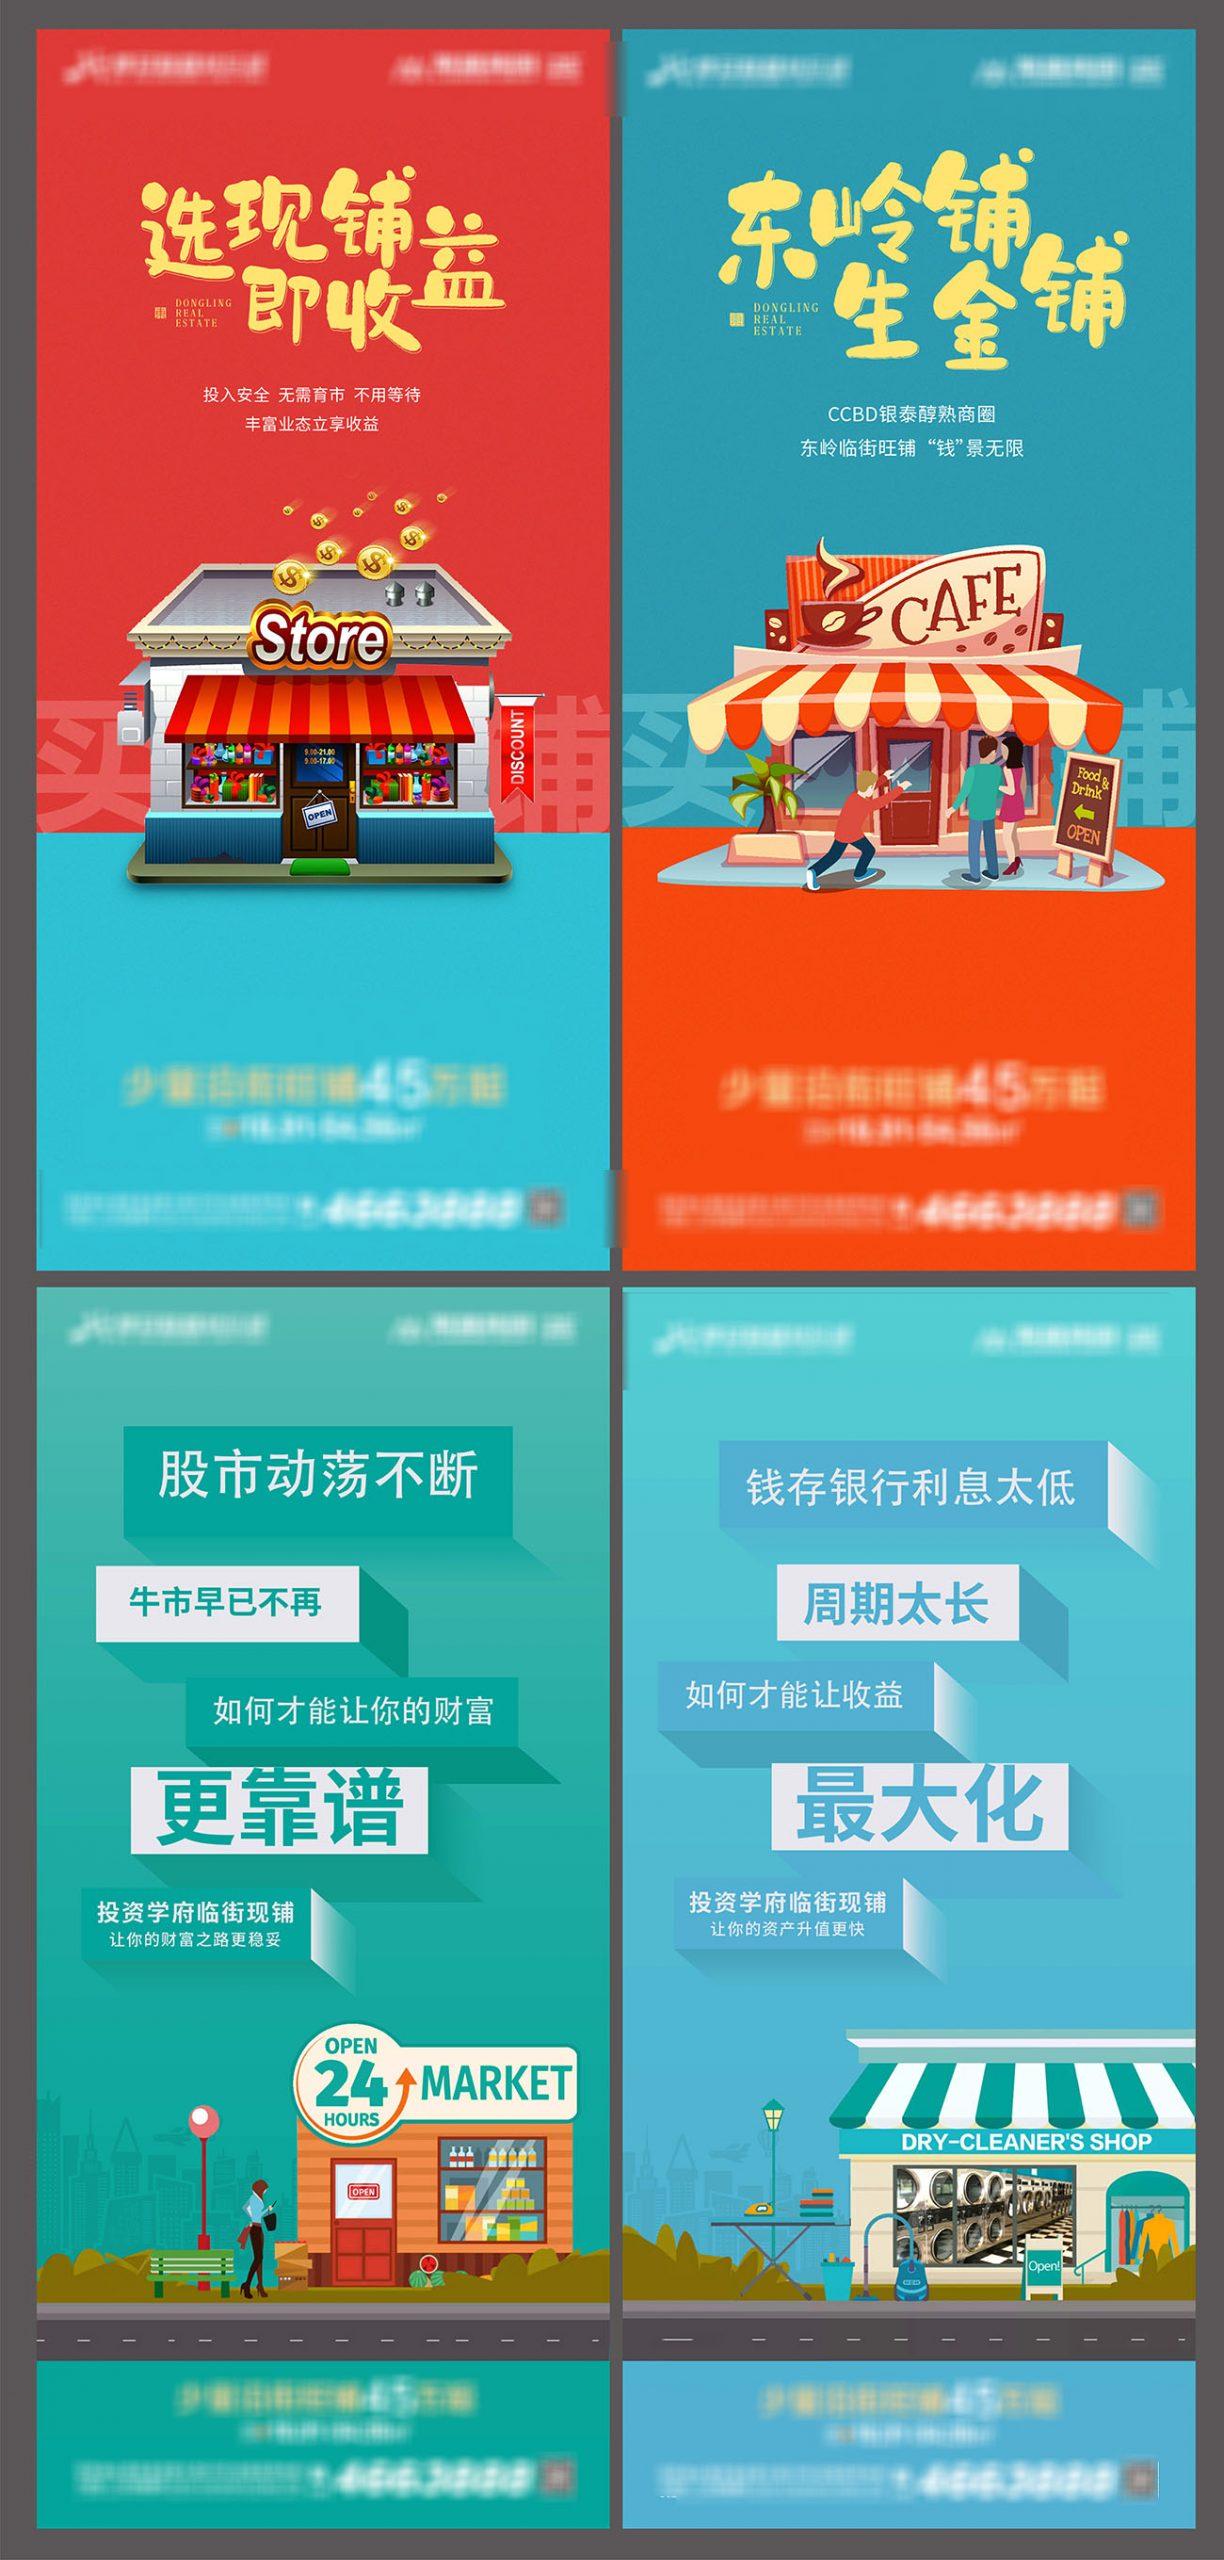 房地产商铺价值点对比海报PSD源文件插图